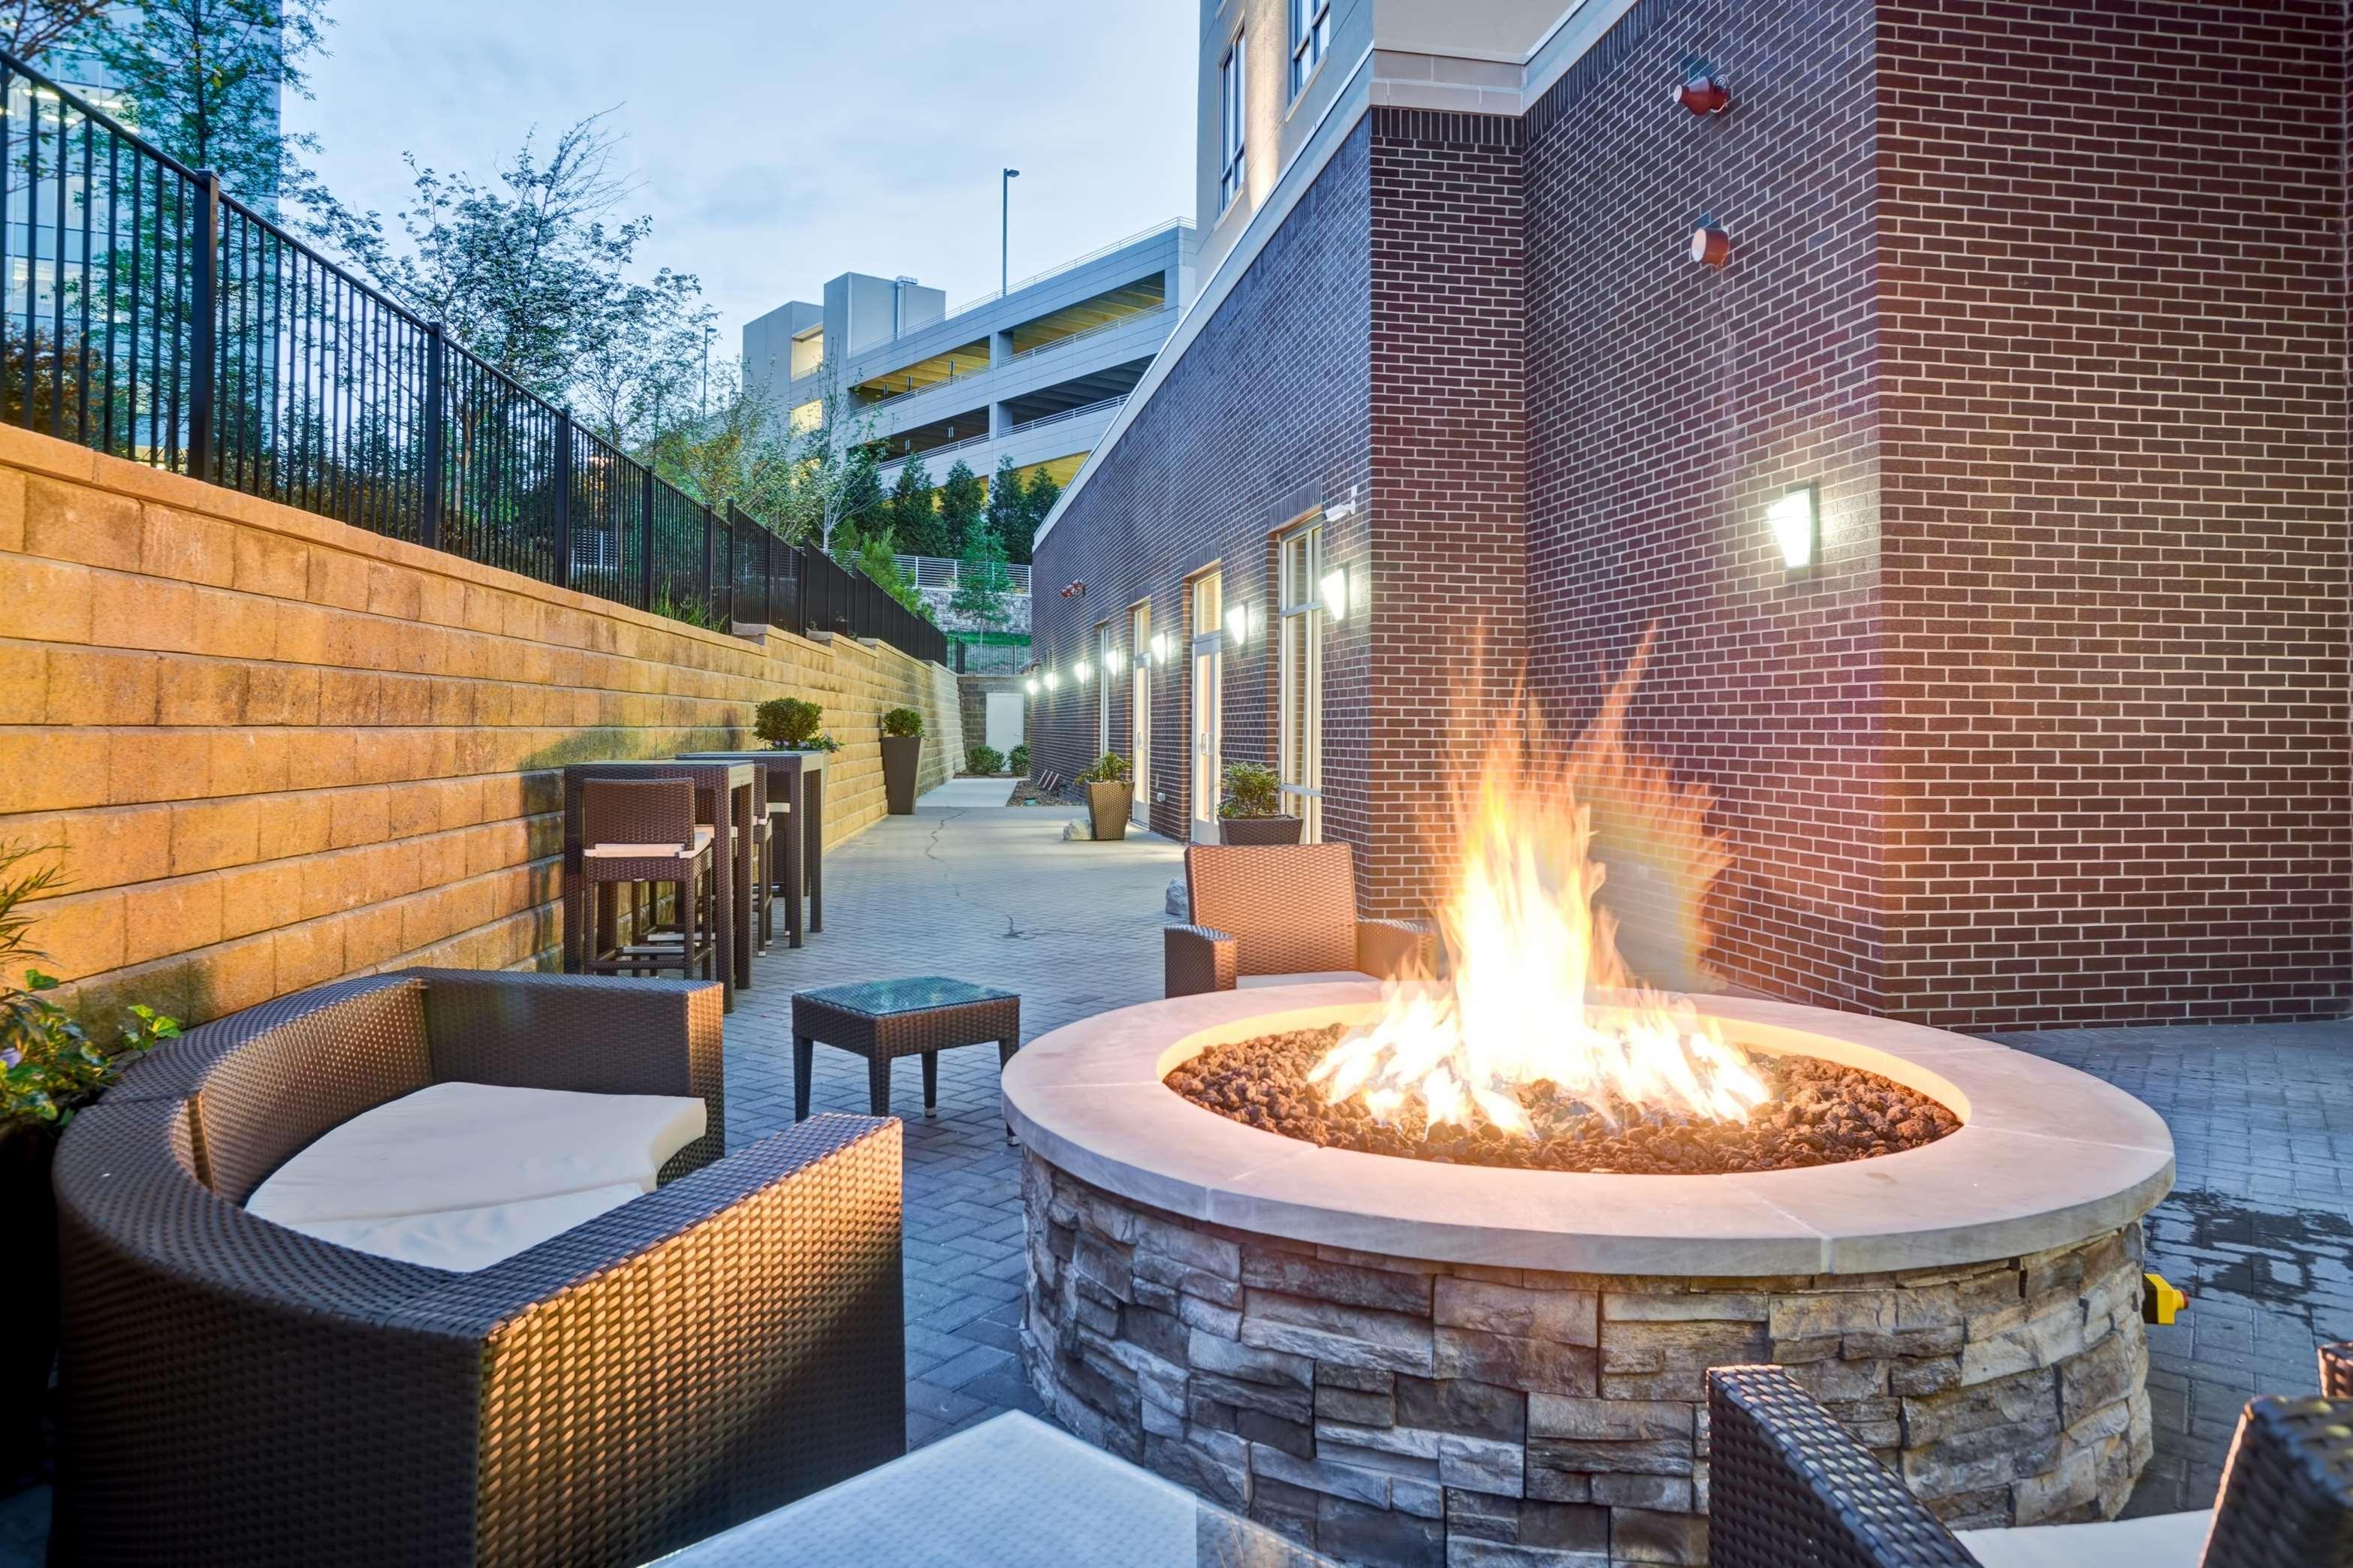 Homewood Suites by Hilton Nashville Franklin Cool Springs image 14